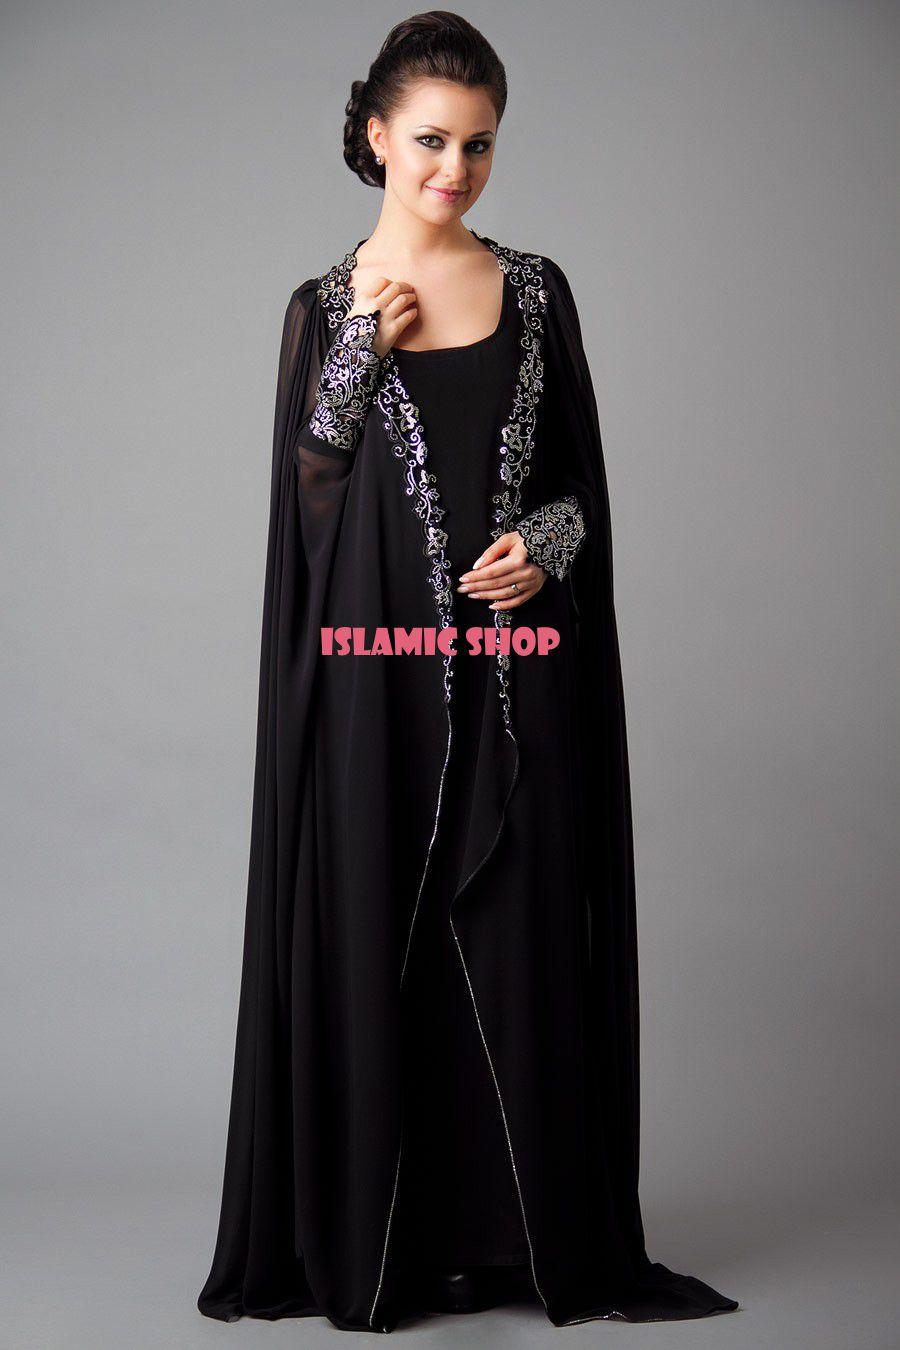 Islamic Shop logo